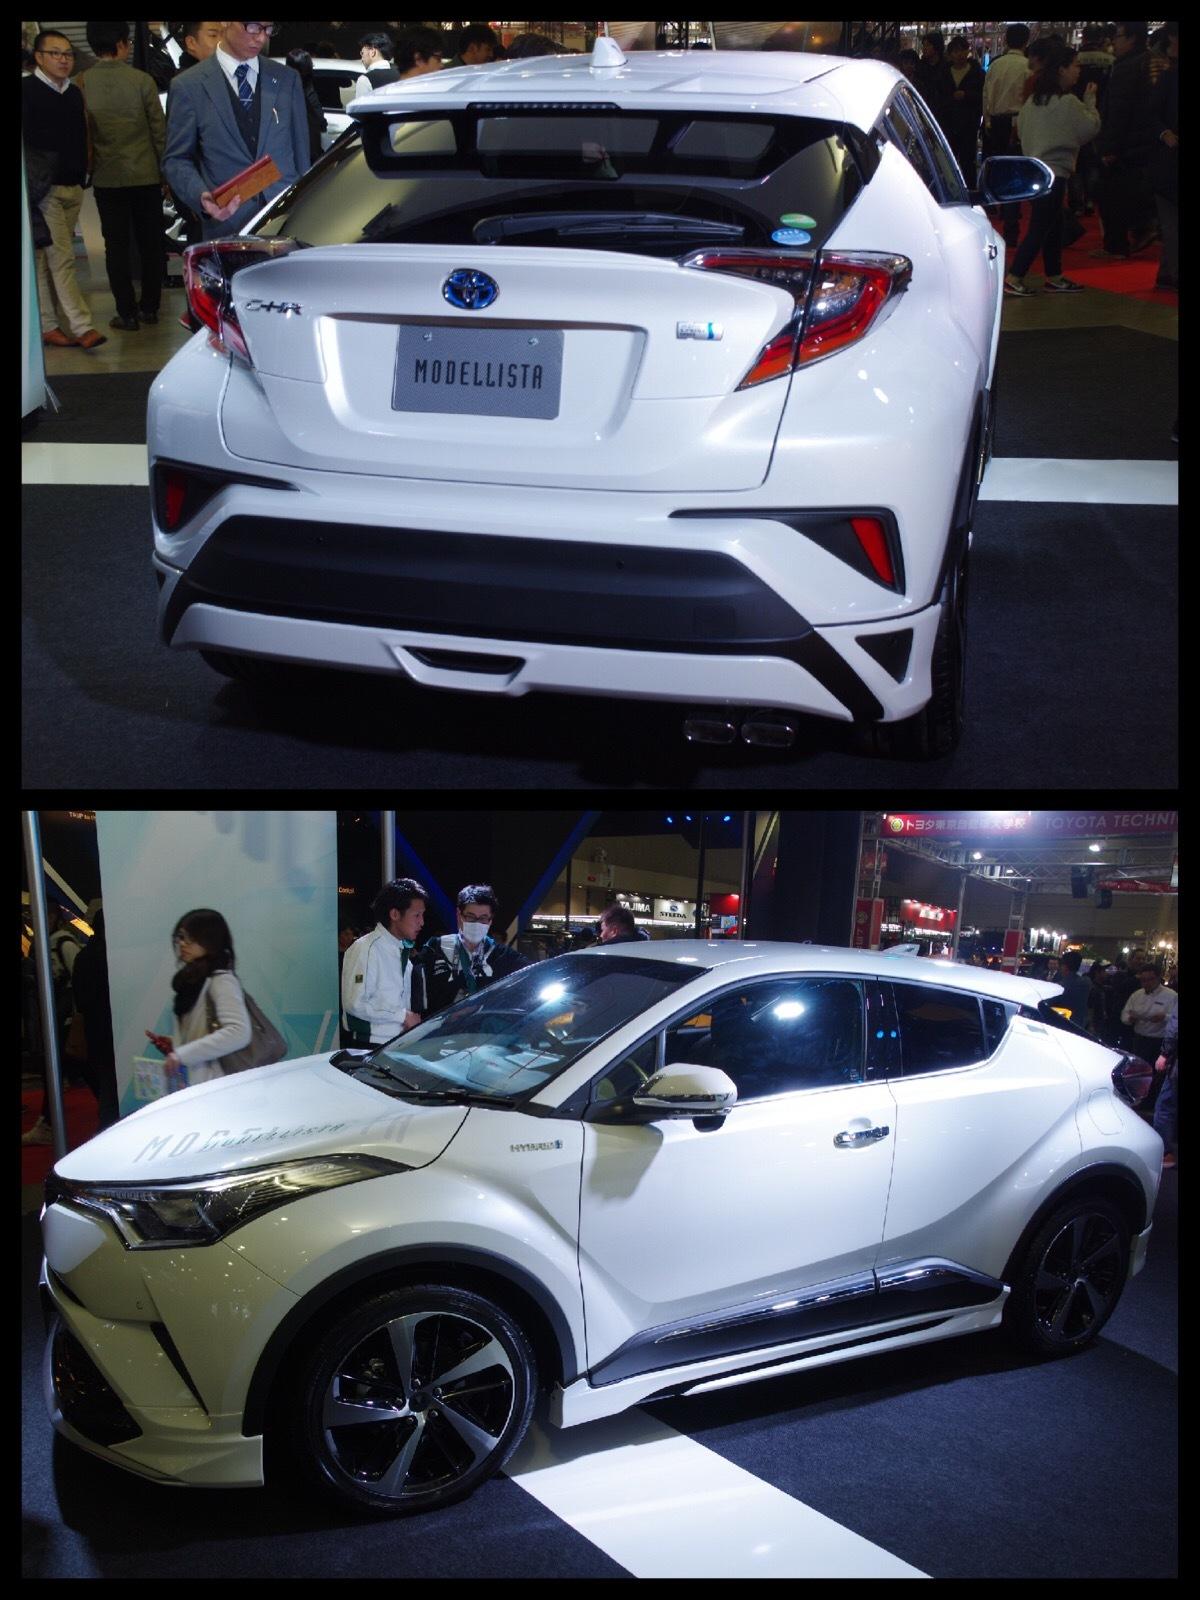 トヨタC-HR カスタム モデリスタ エレガントアイススタイル 東京オートサロン